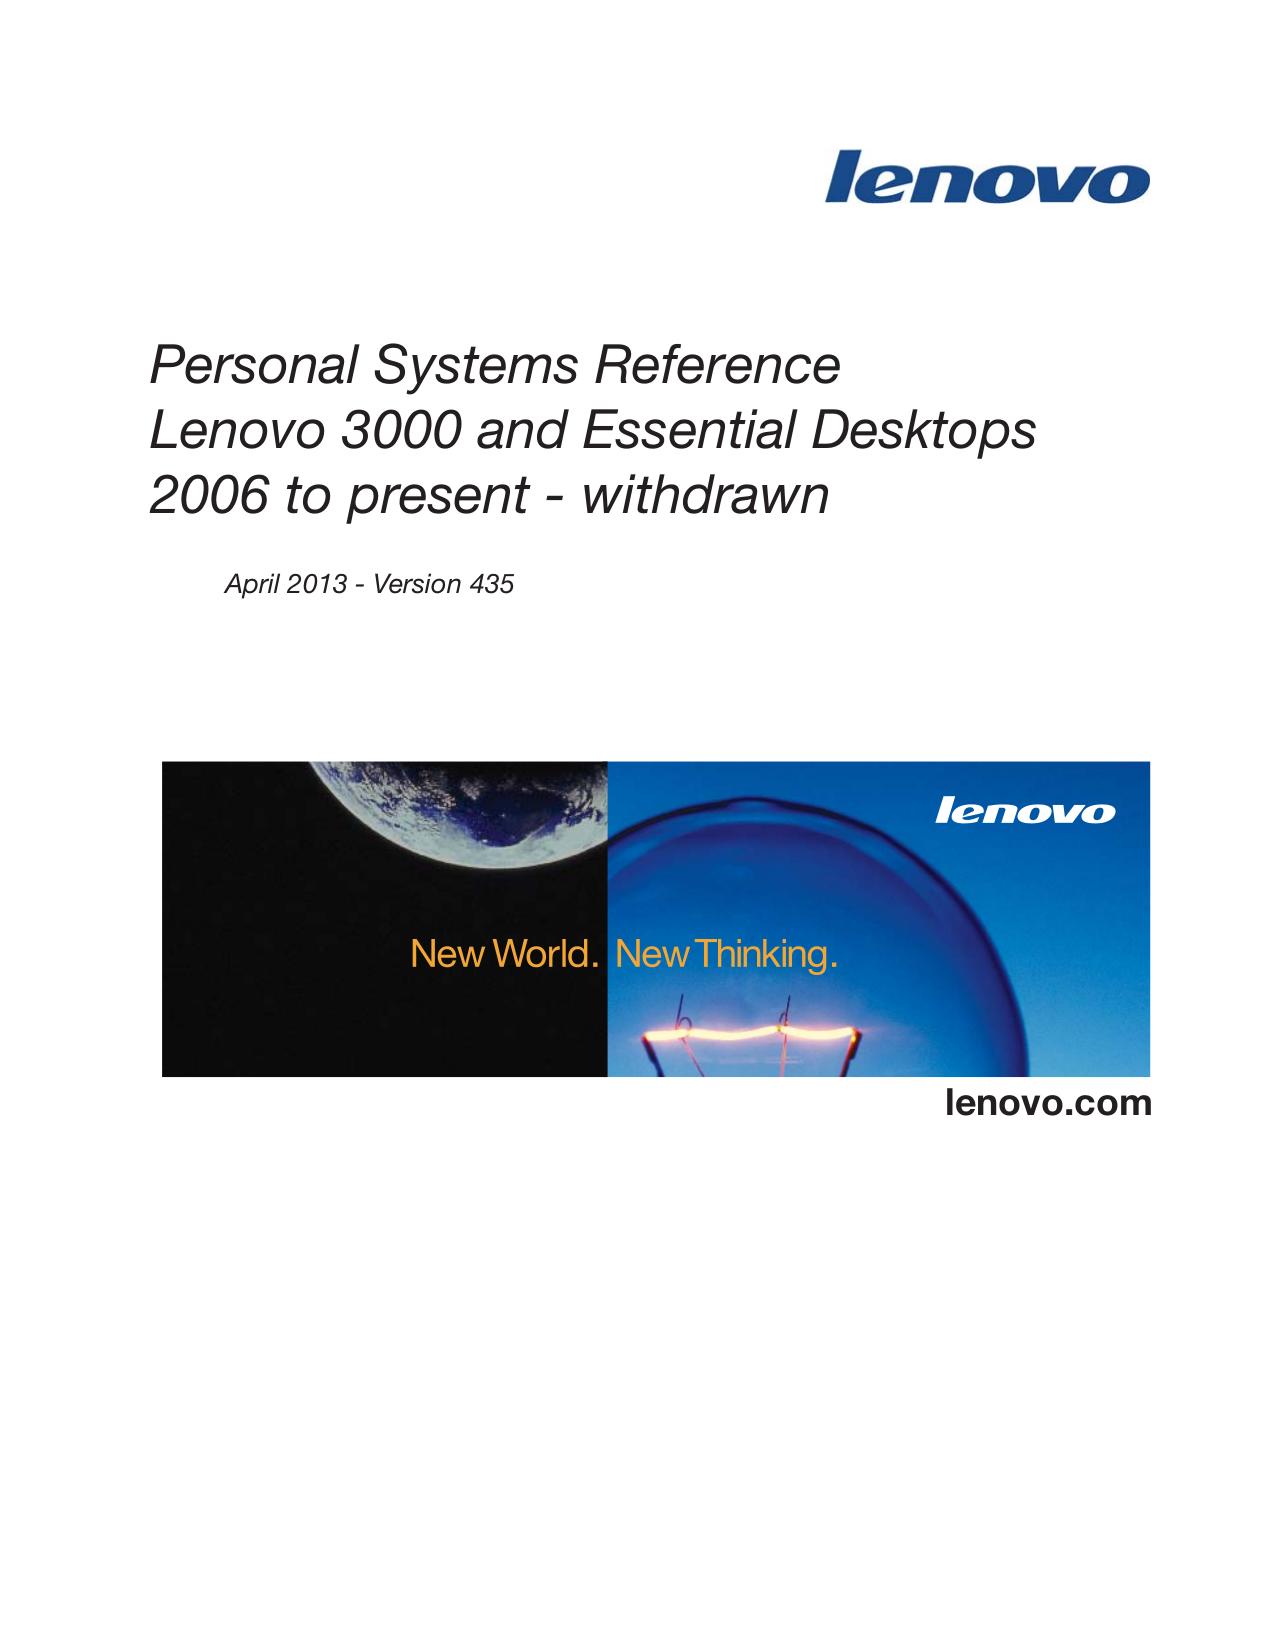 pdf for Lenovo Desktop 3000 J105 8258 manual